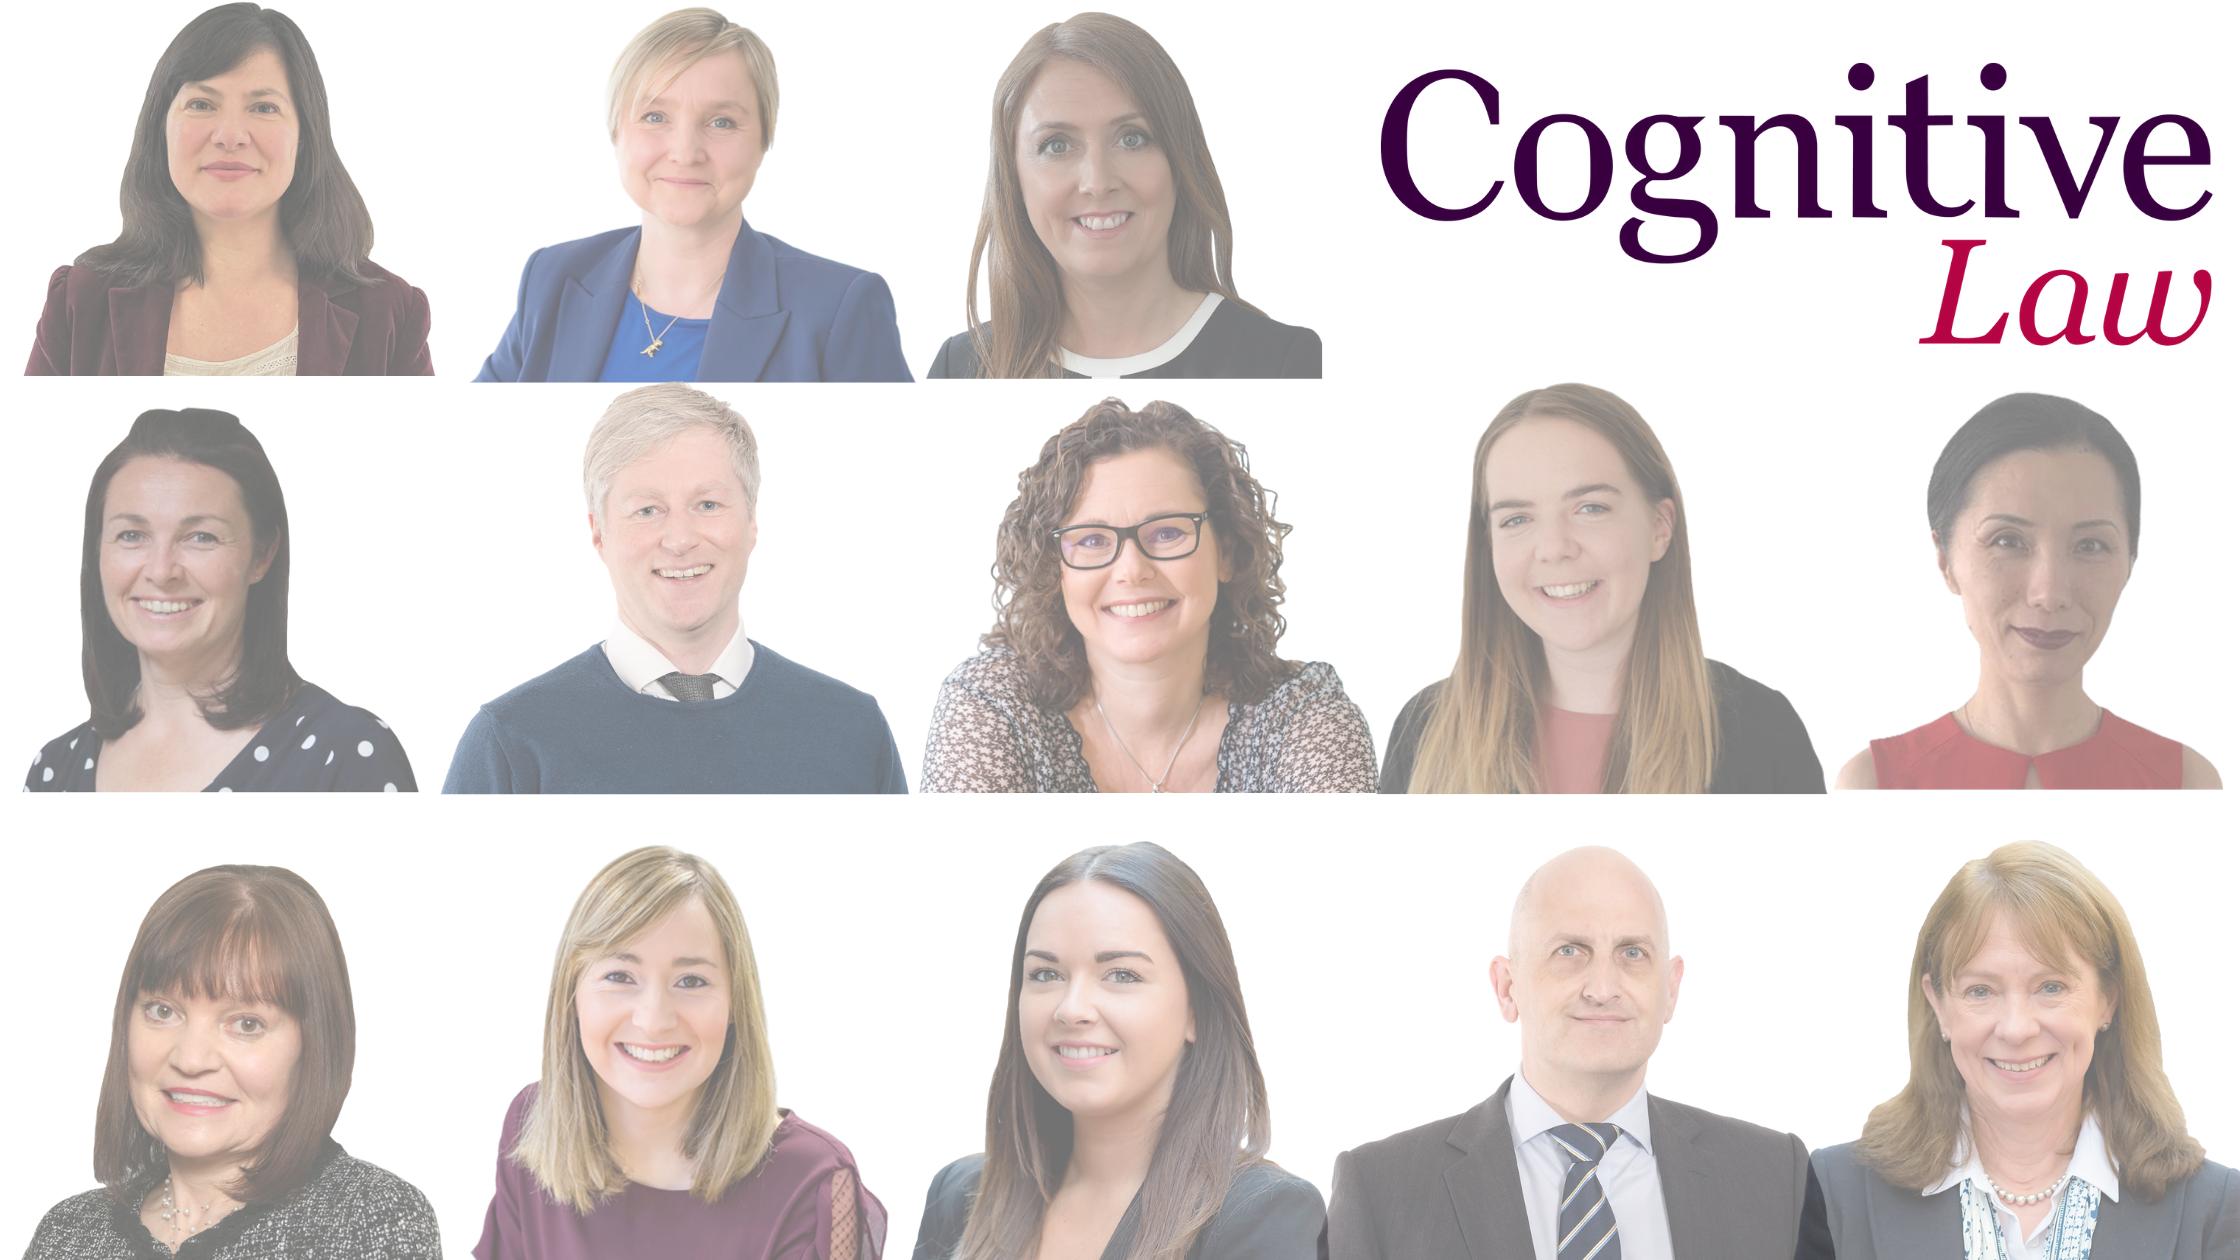 Cognitive Law legal services